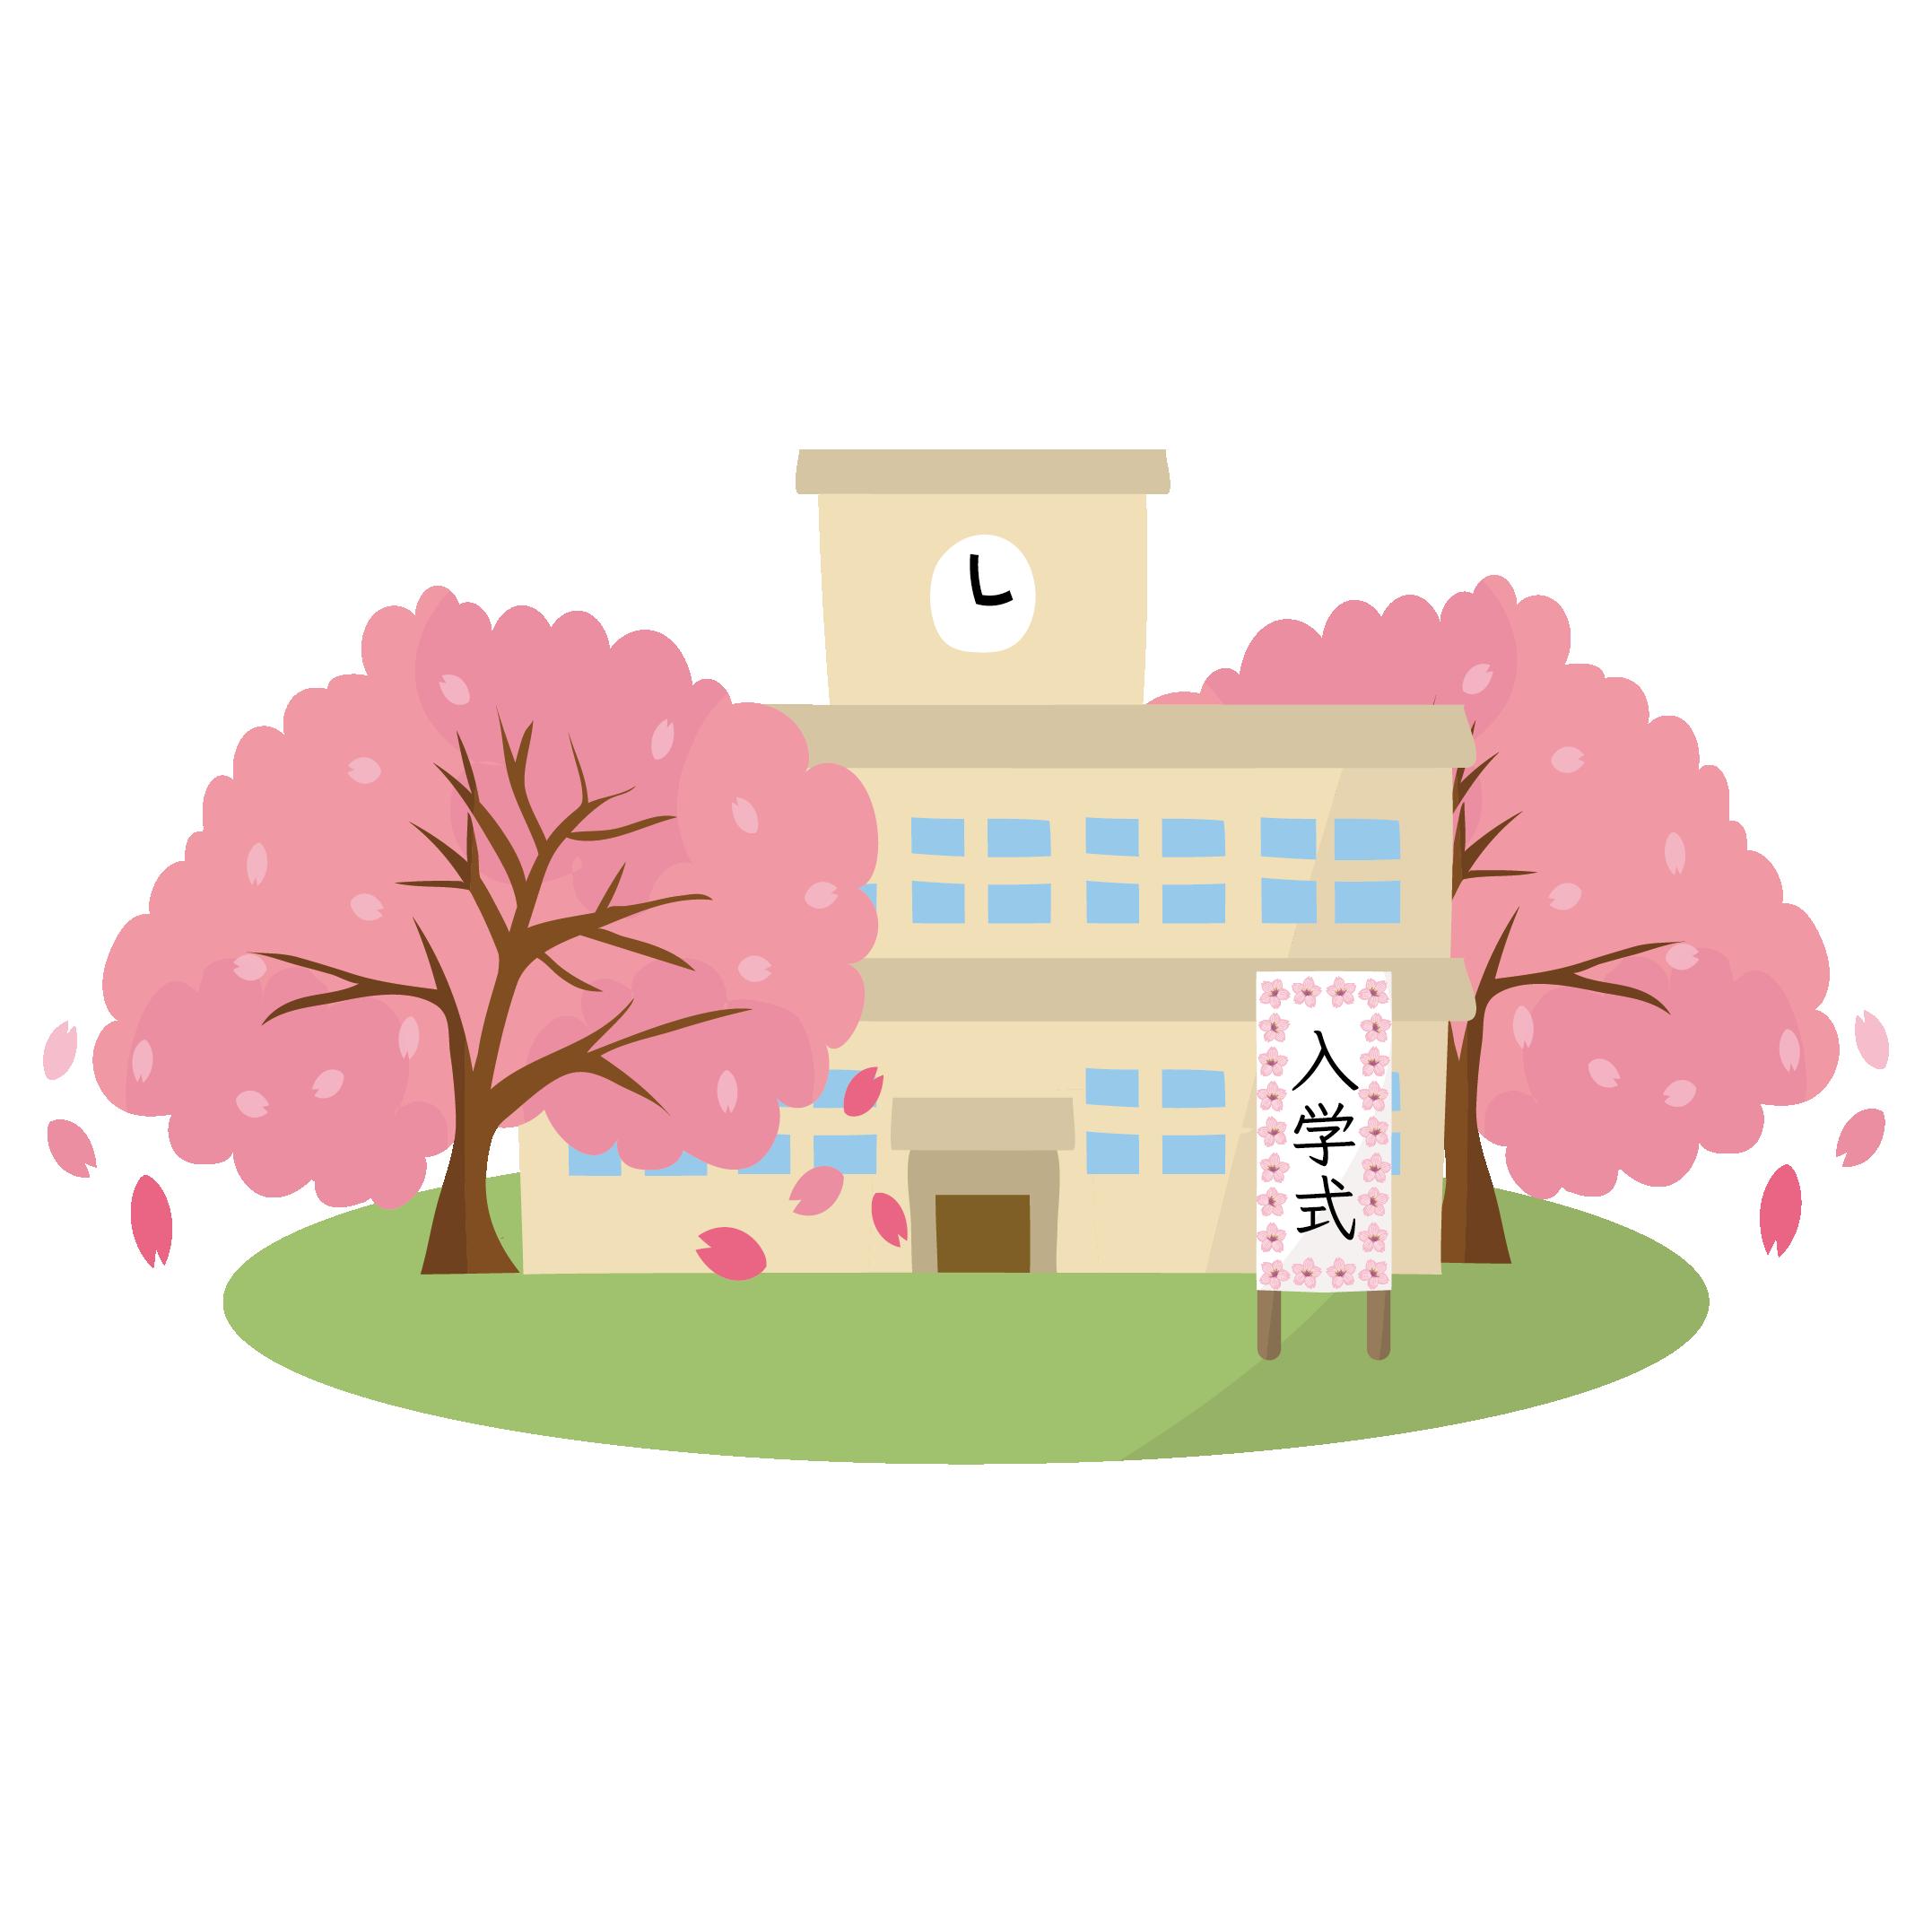 学校の入学式のイラスト♪サクラ満開♪ | 商用フリー(無料)のイラスト